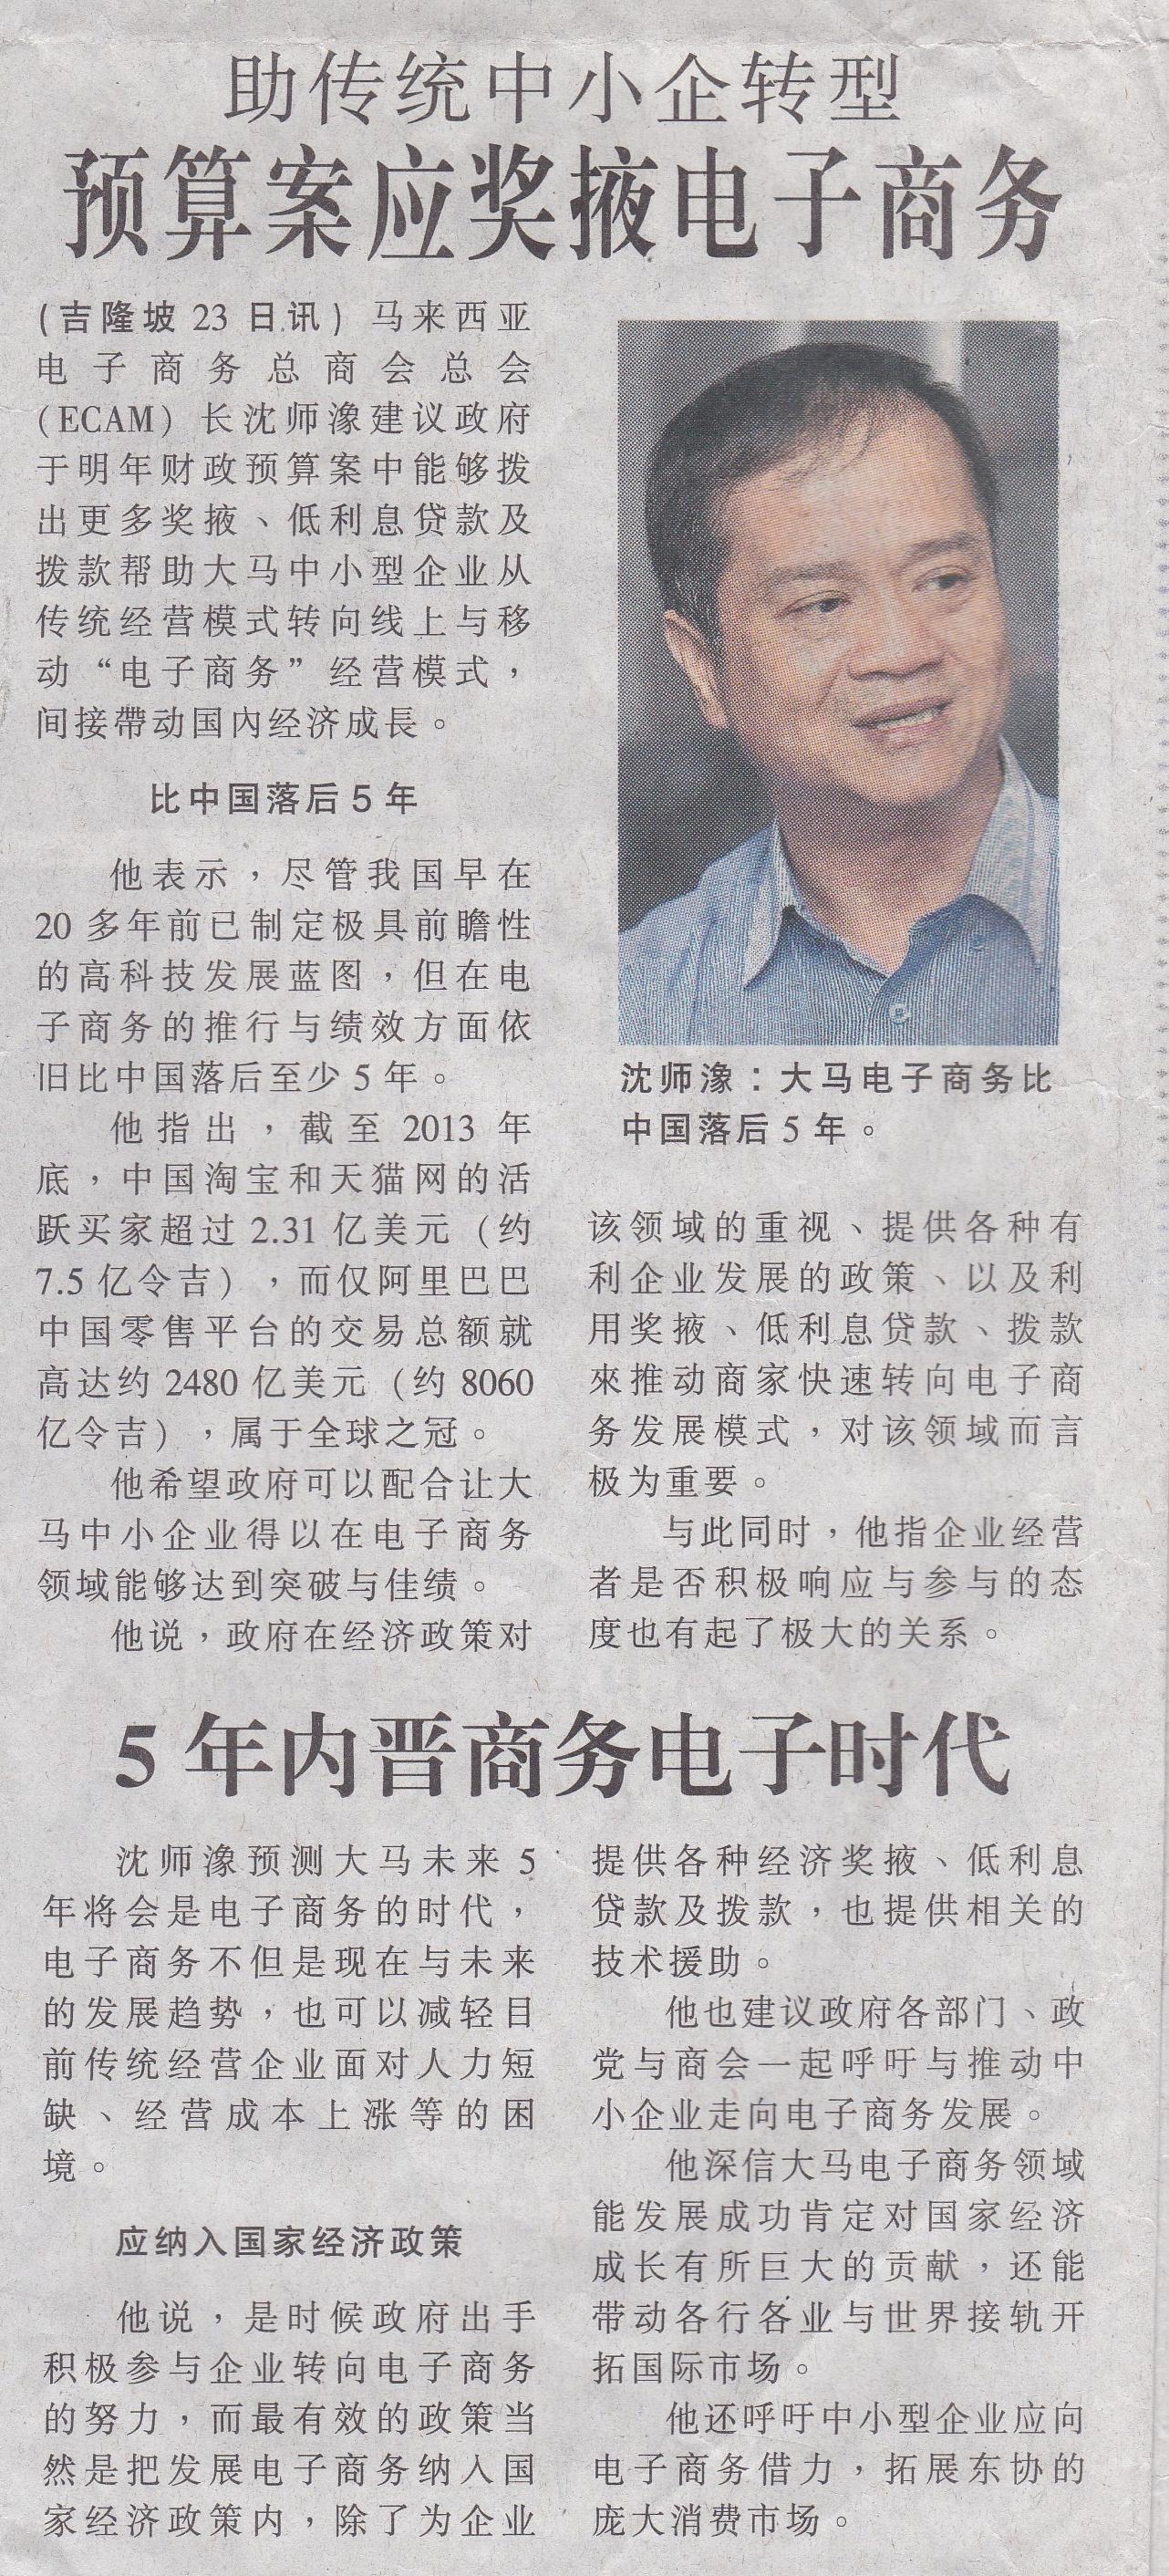 2014年9月24日南洋商报报导预算案应奖掖电子商务